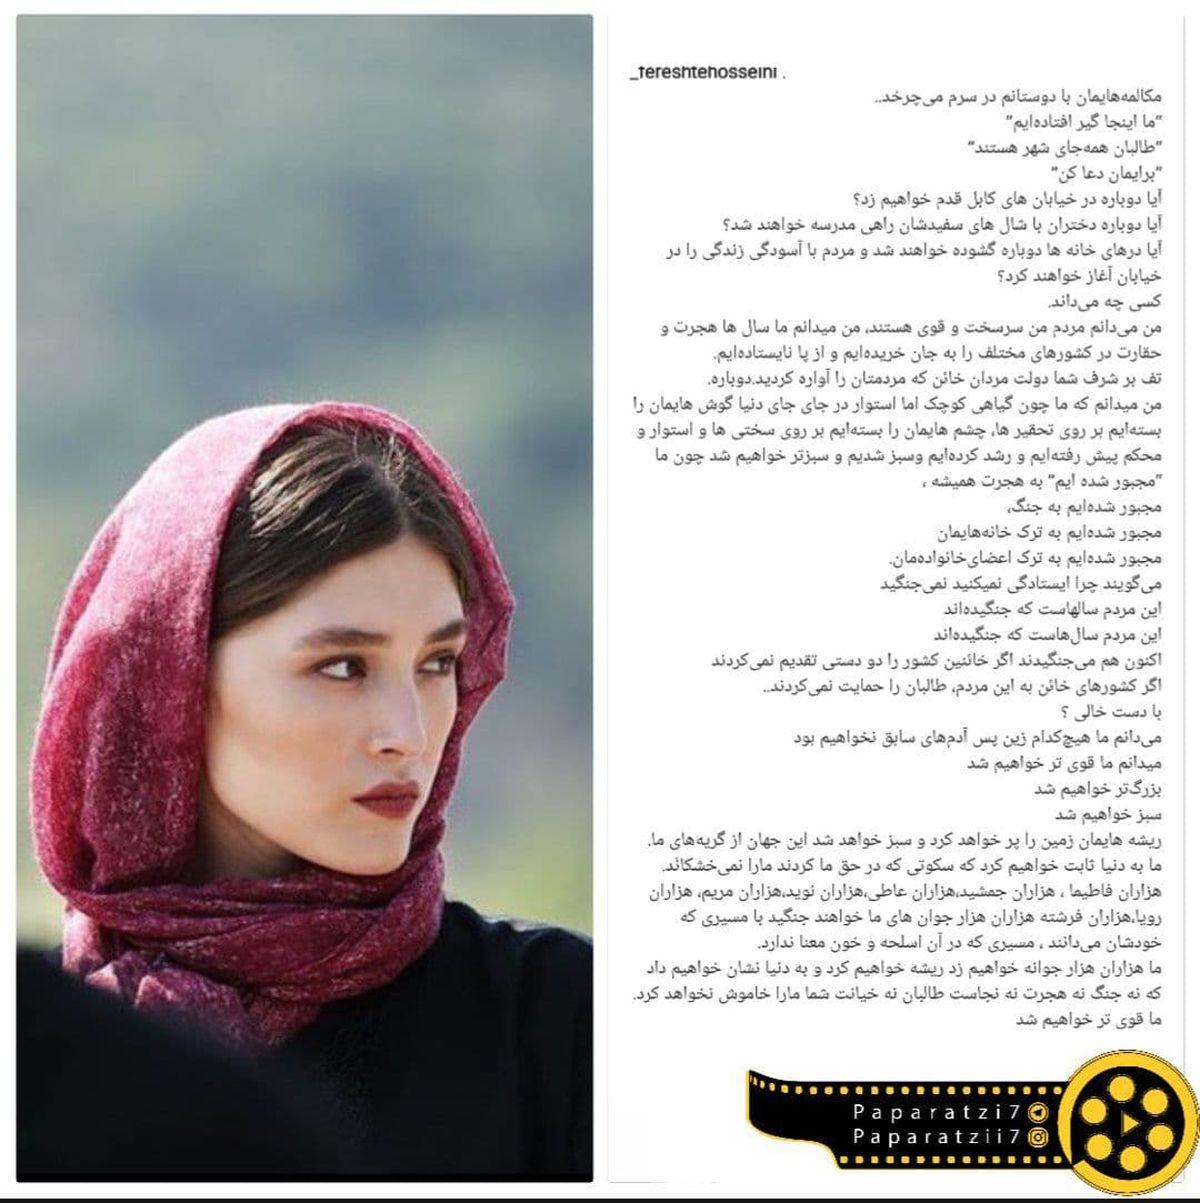 واکنش فرشته حسینی به حوادث کشور مادری اش +عکس